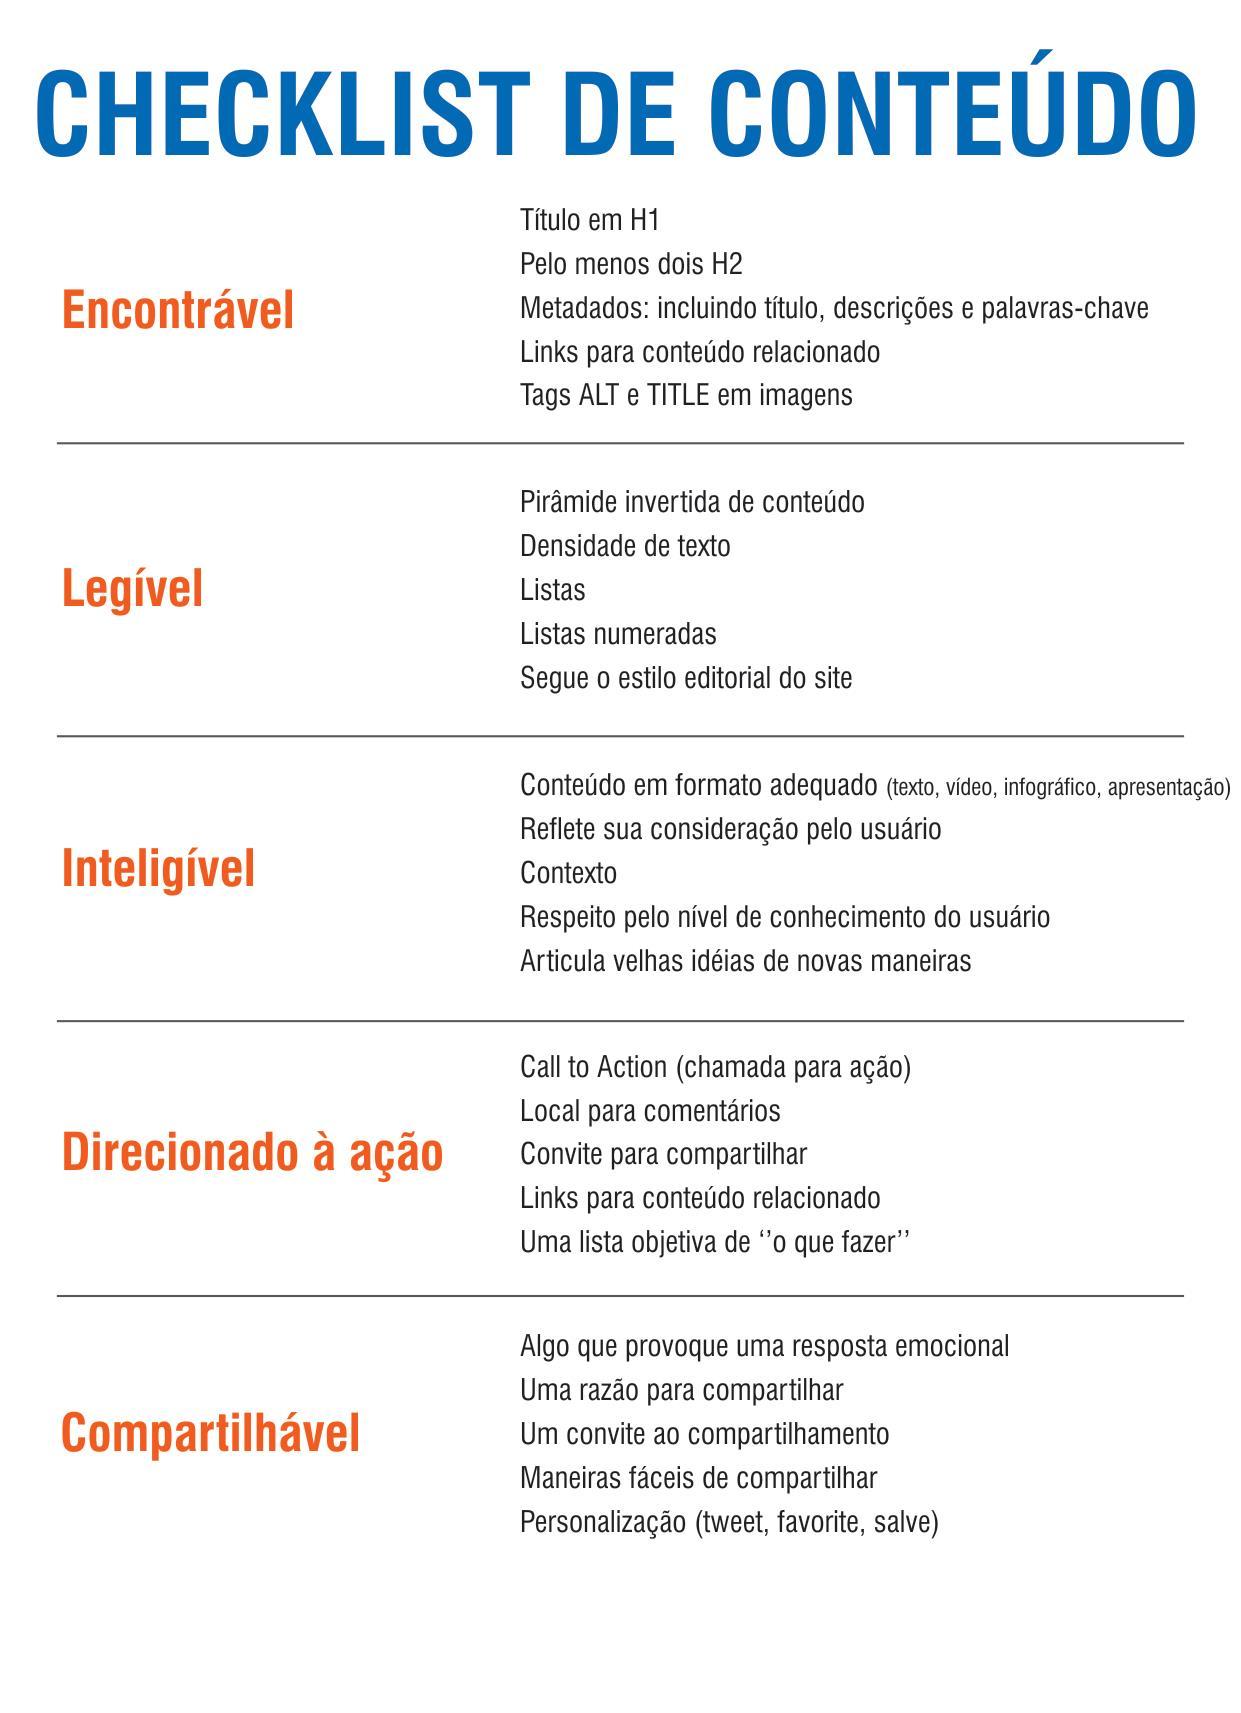 checklist de conteudo seo